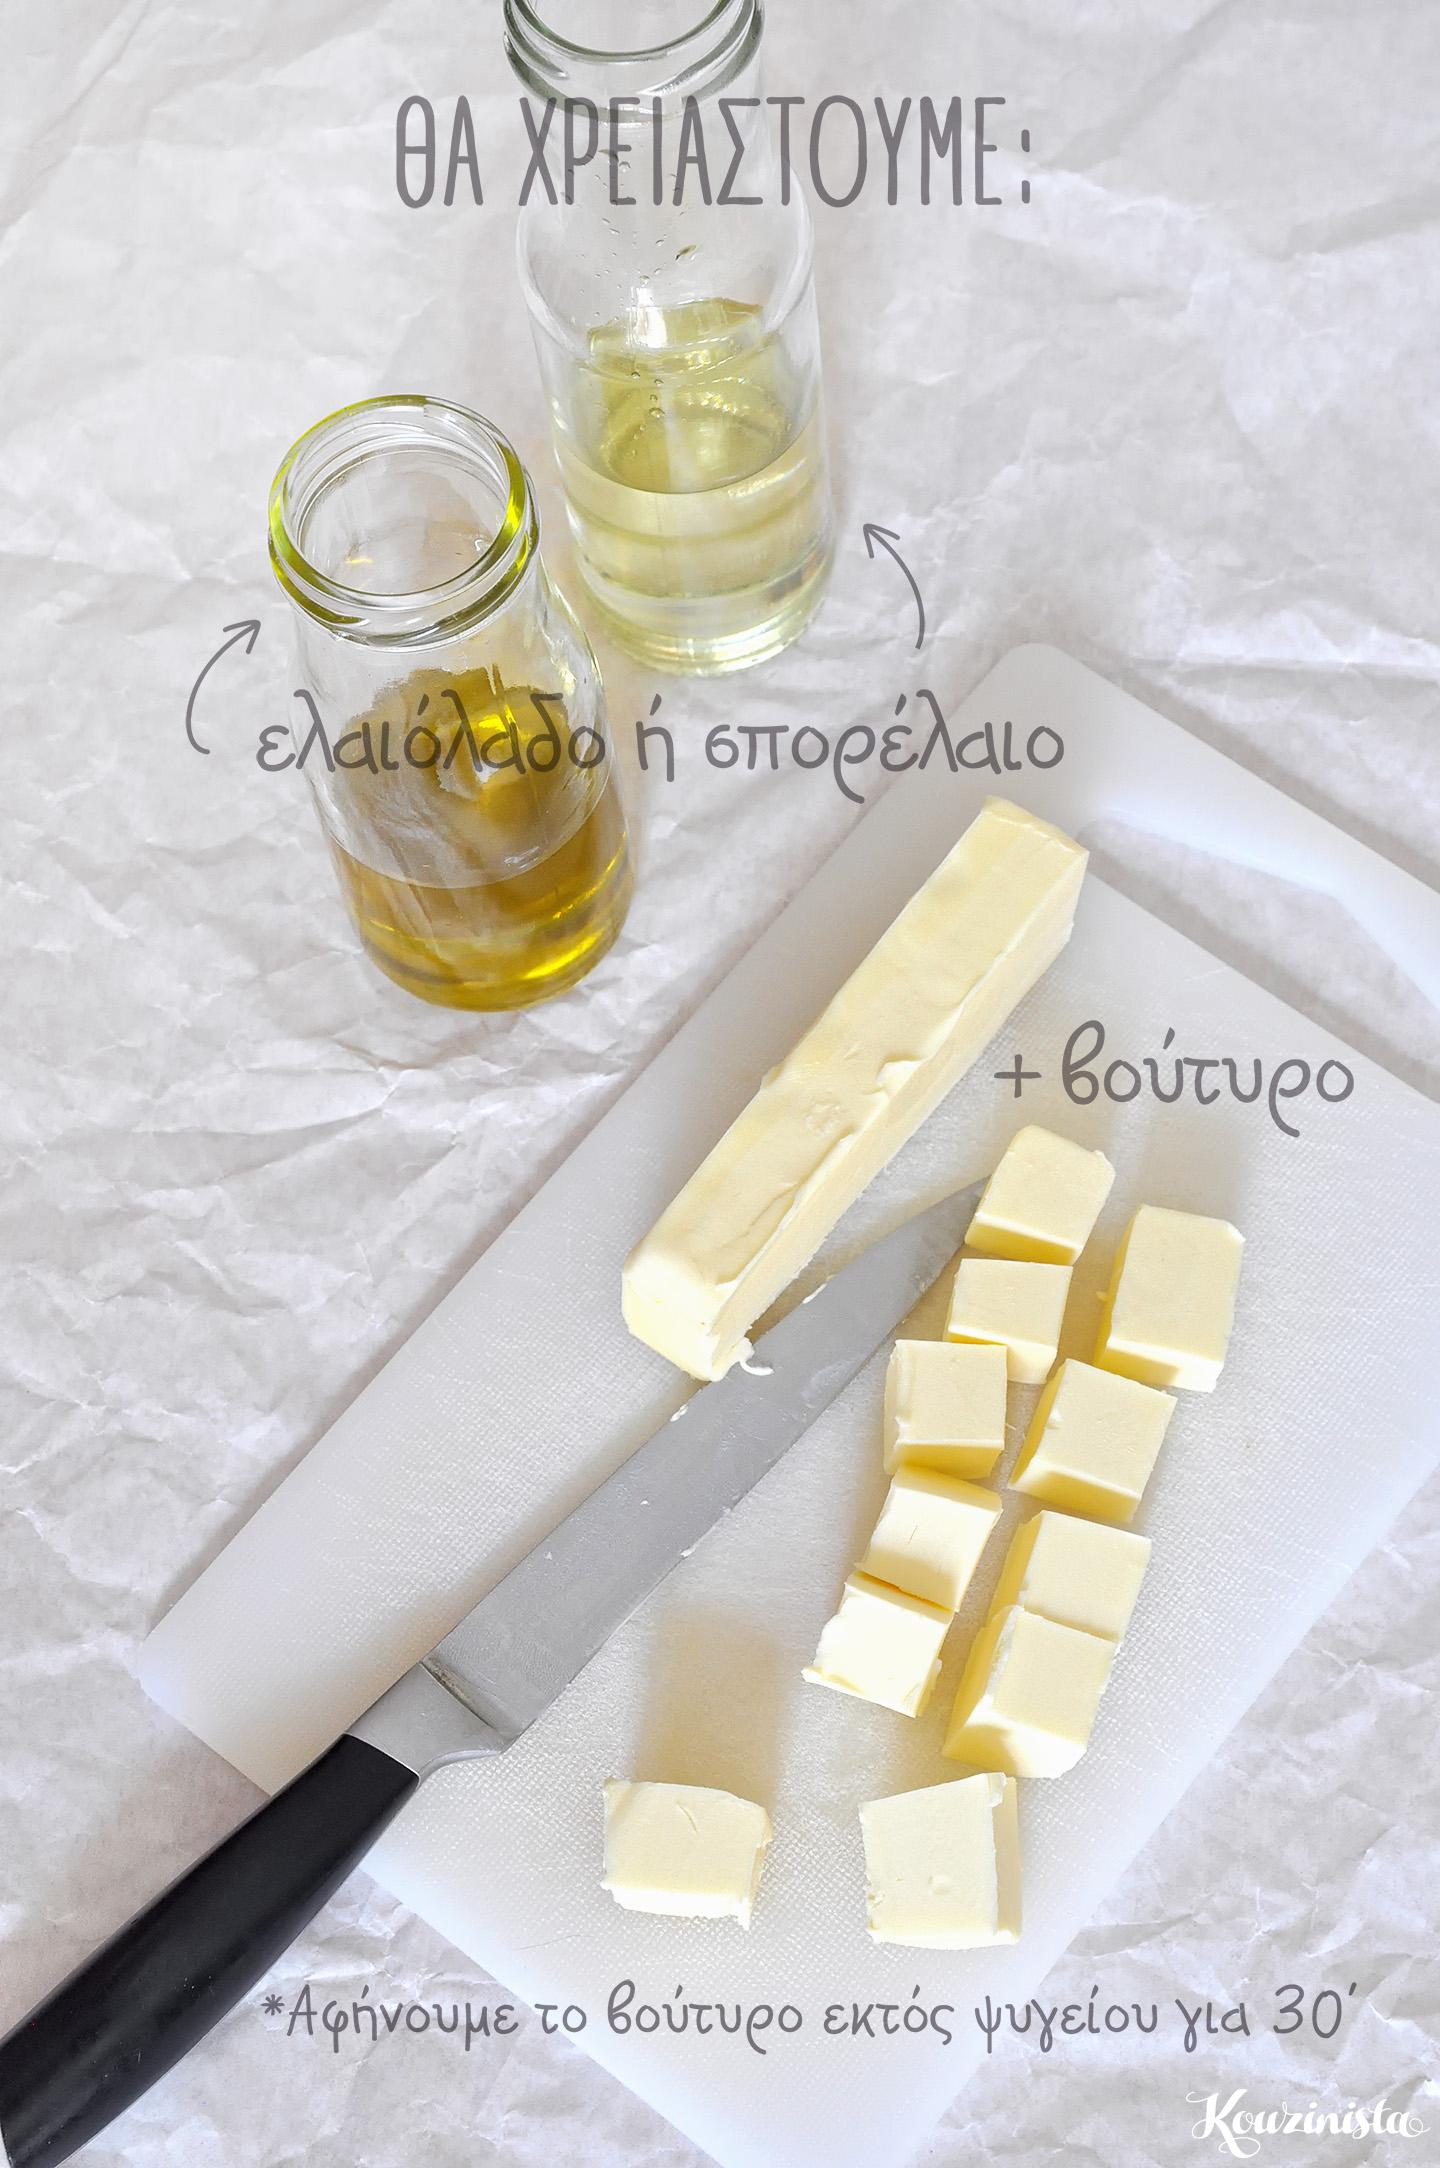 Φτιάχνω μόνος μου βούτυρο soft για επάλειψη / How to make your own spreadable butter